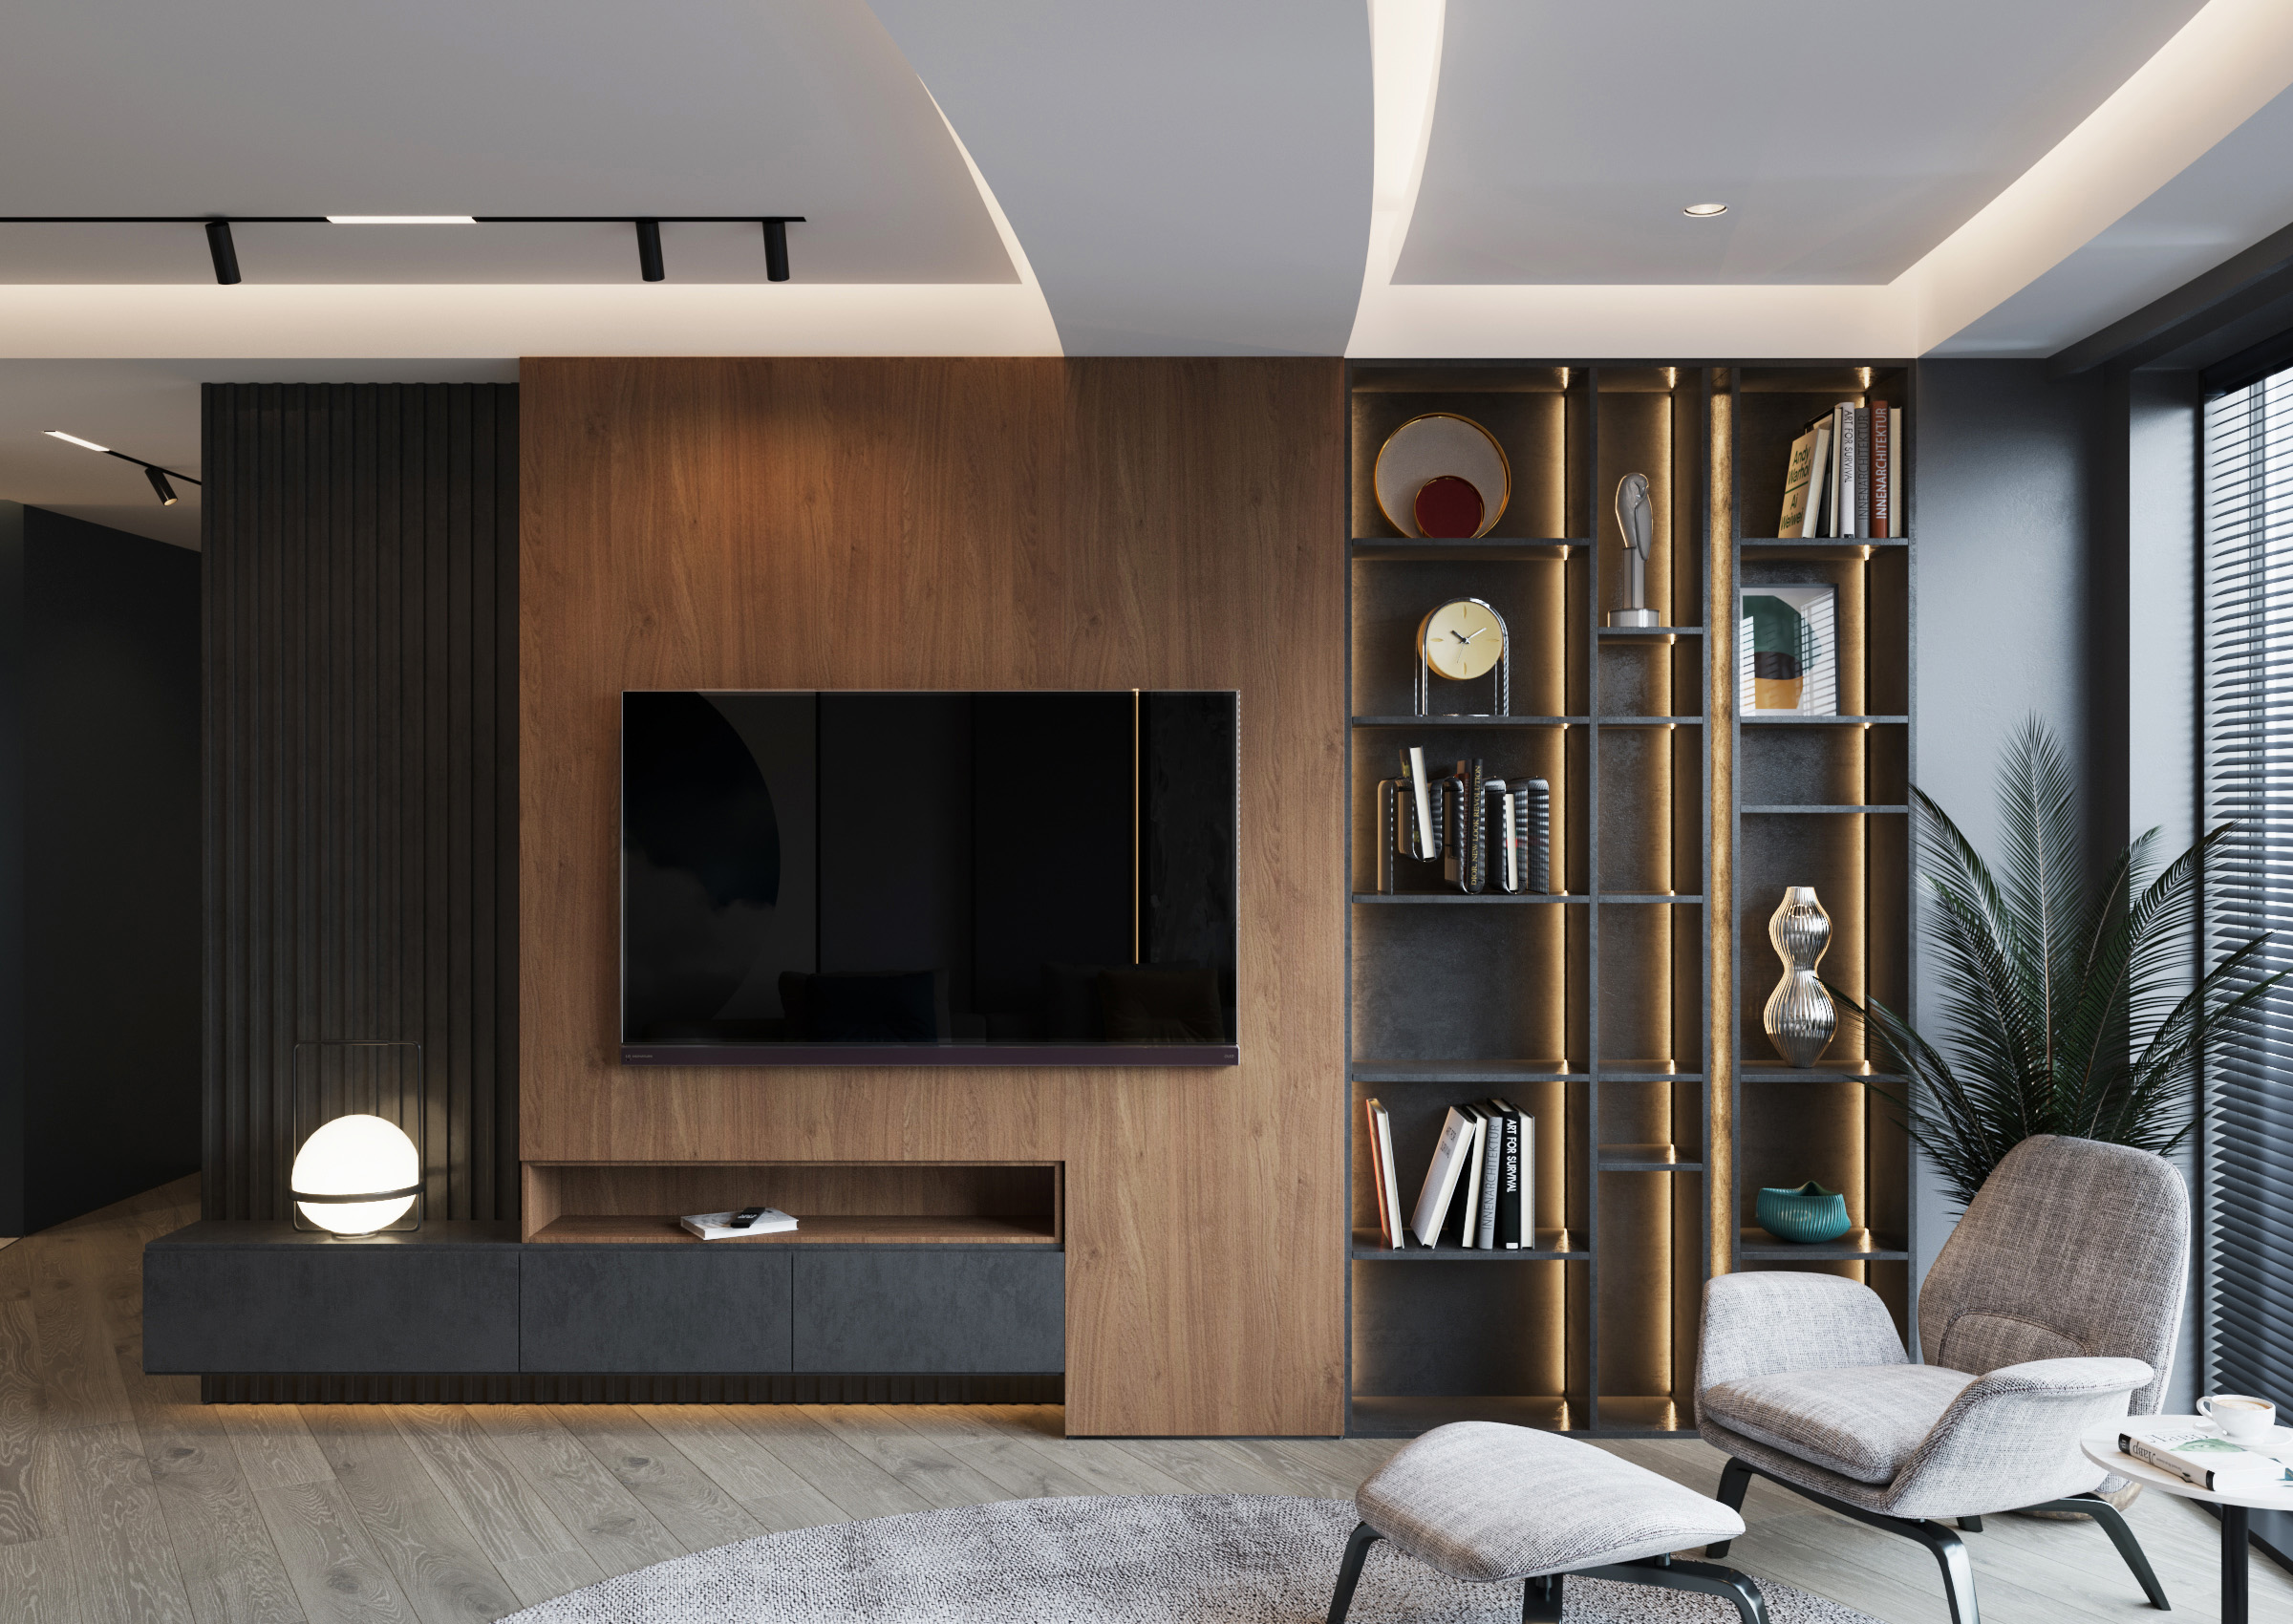 Camera de odihna cu pereti de si mobilier de culoarea antracit